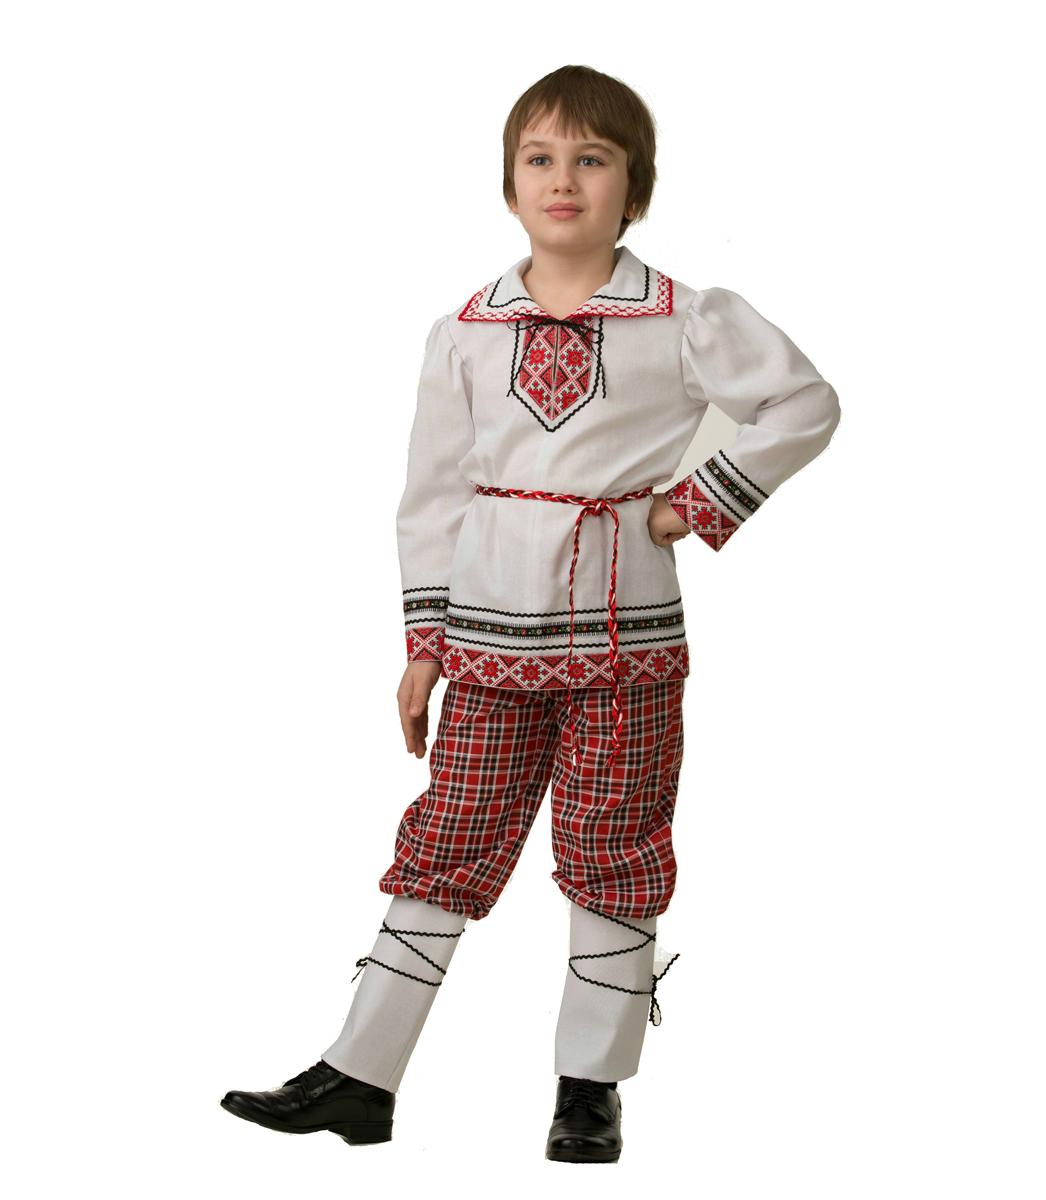 Батик Костюм карнавальный для мальчика Национальный костюм размер 38 костюм зловещего шута детский 38 40